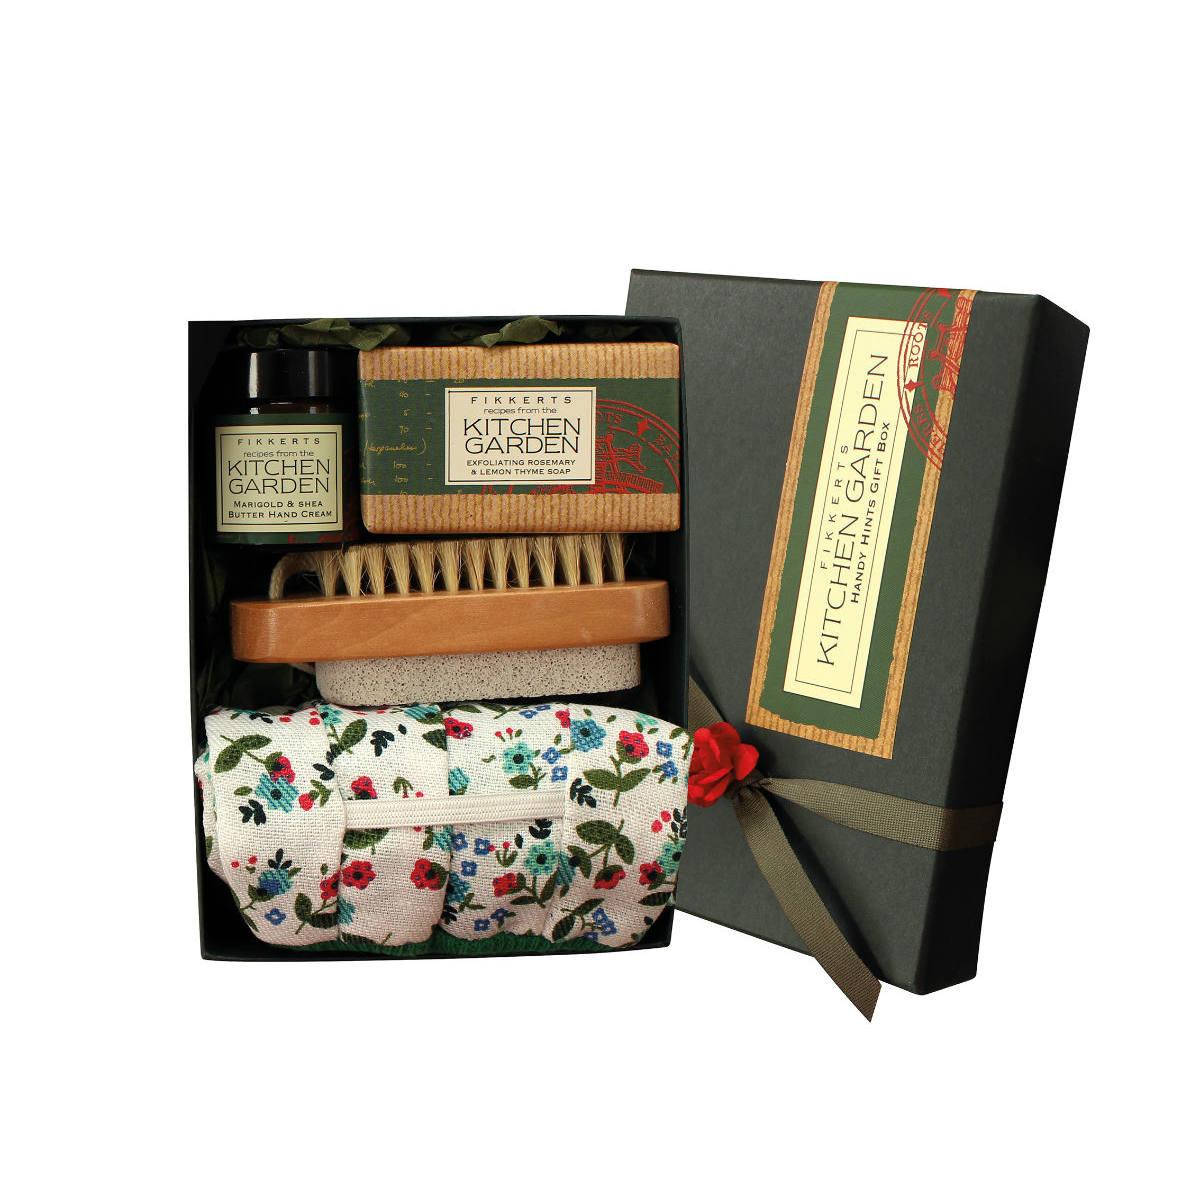 Fikkerts gardener's gift set